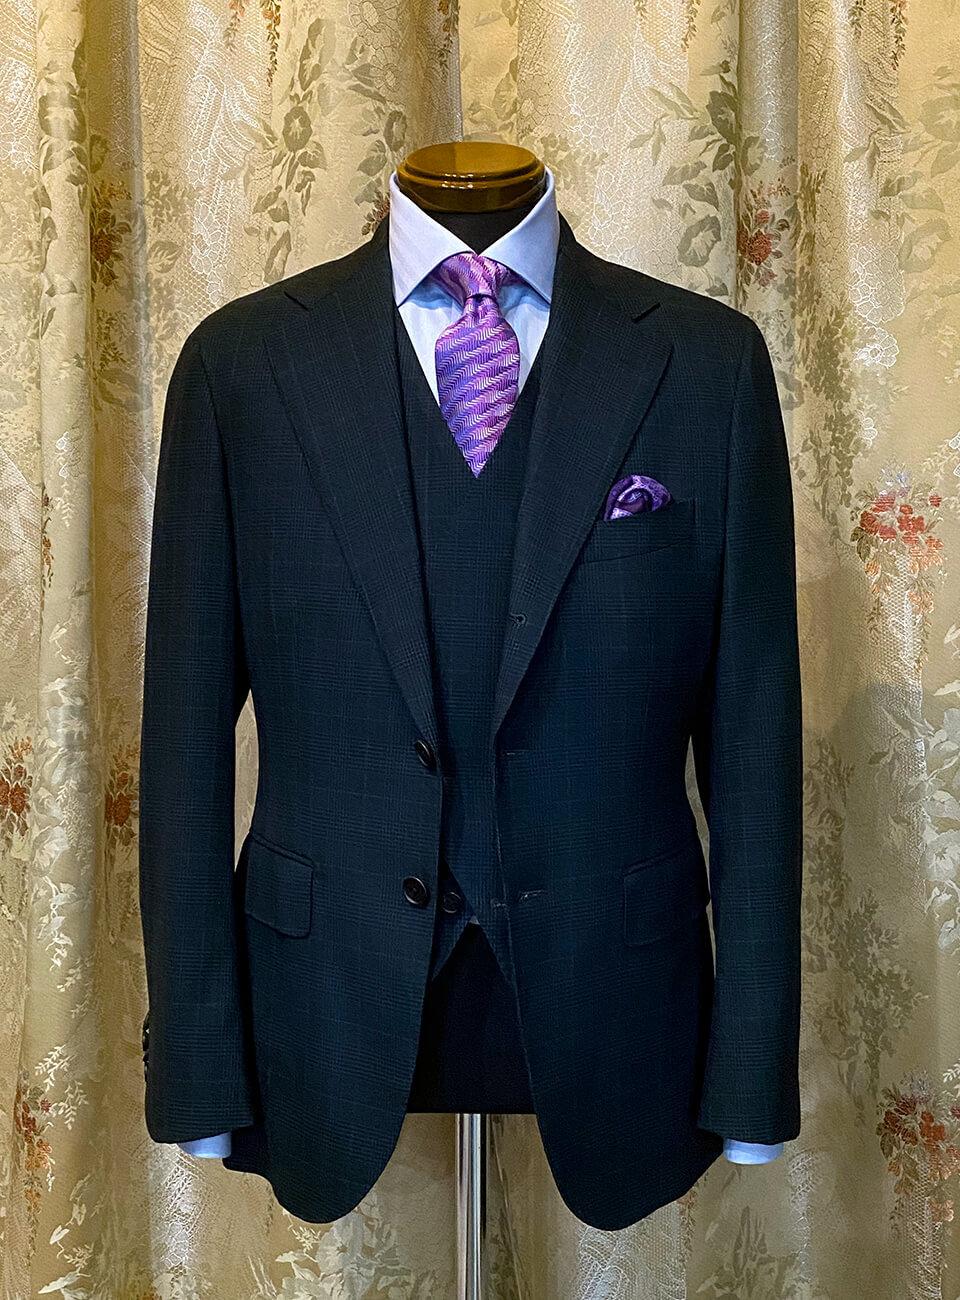 尾張屋洋品店のオーダースーツ